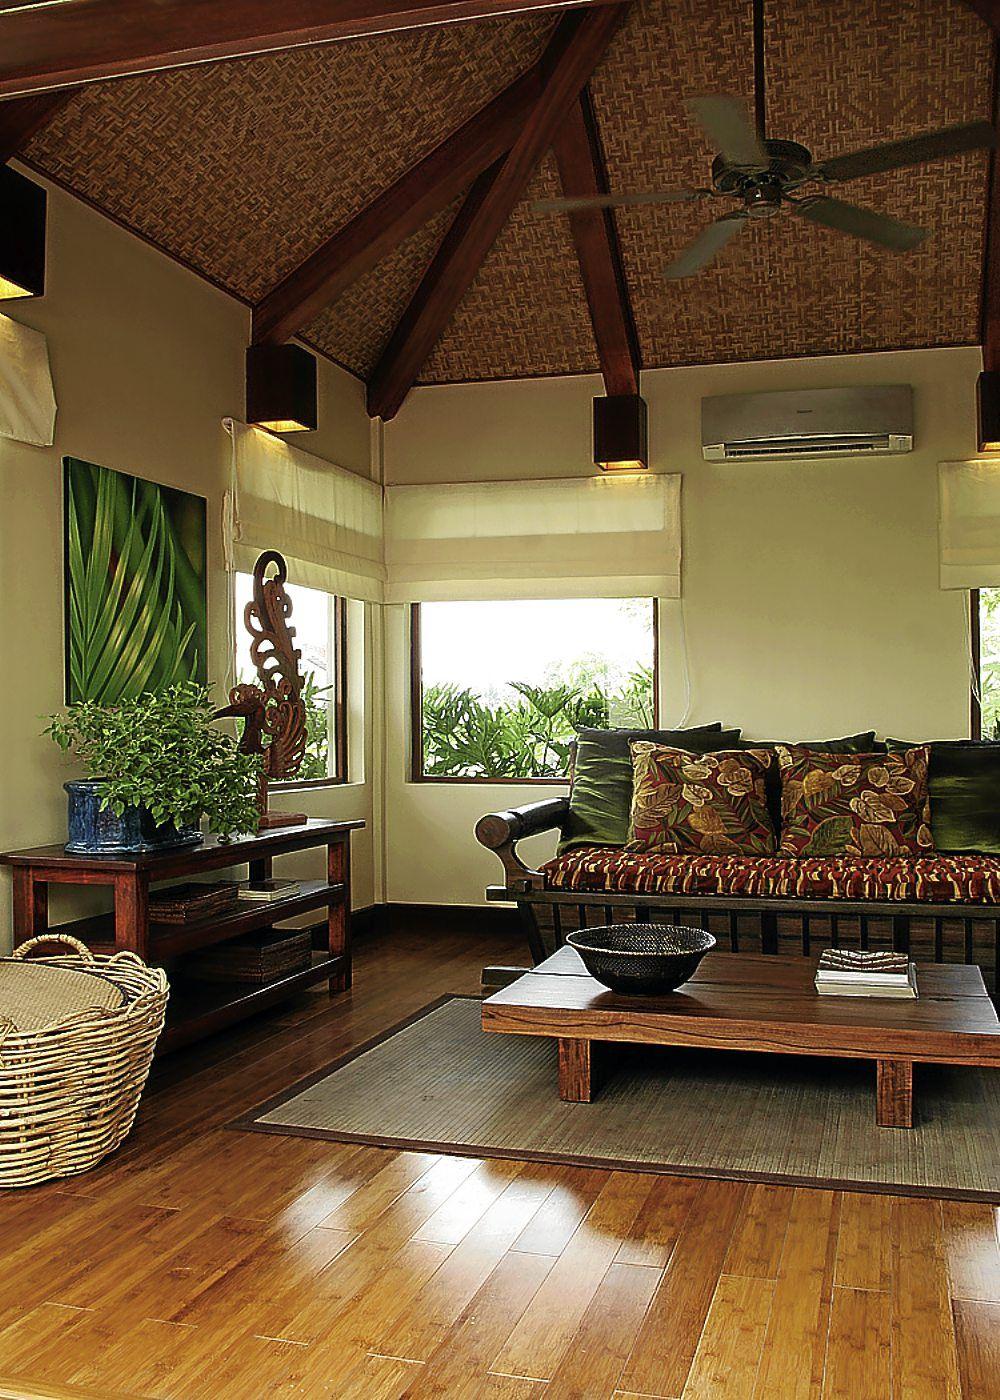 Traditional filipino architecture google search for Traditional filipino home designs